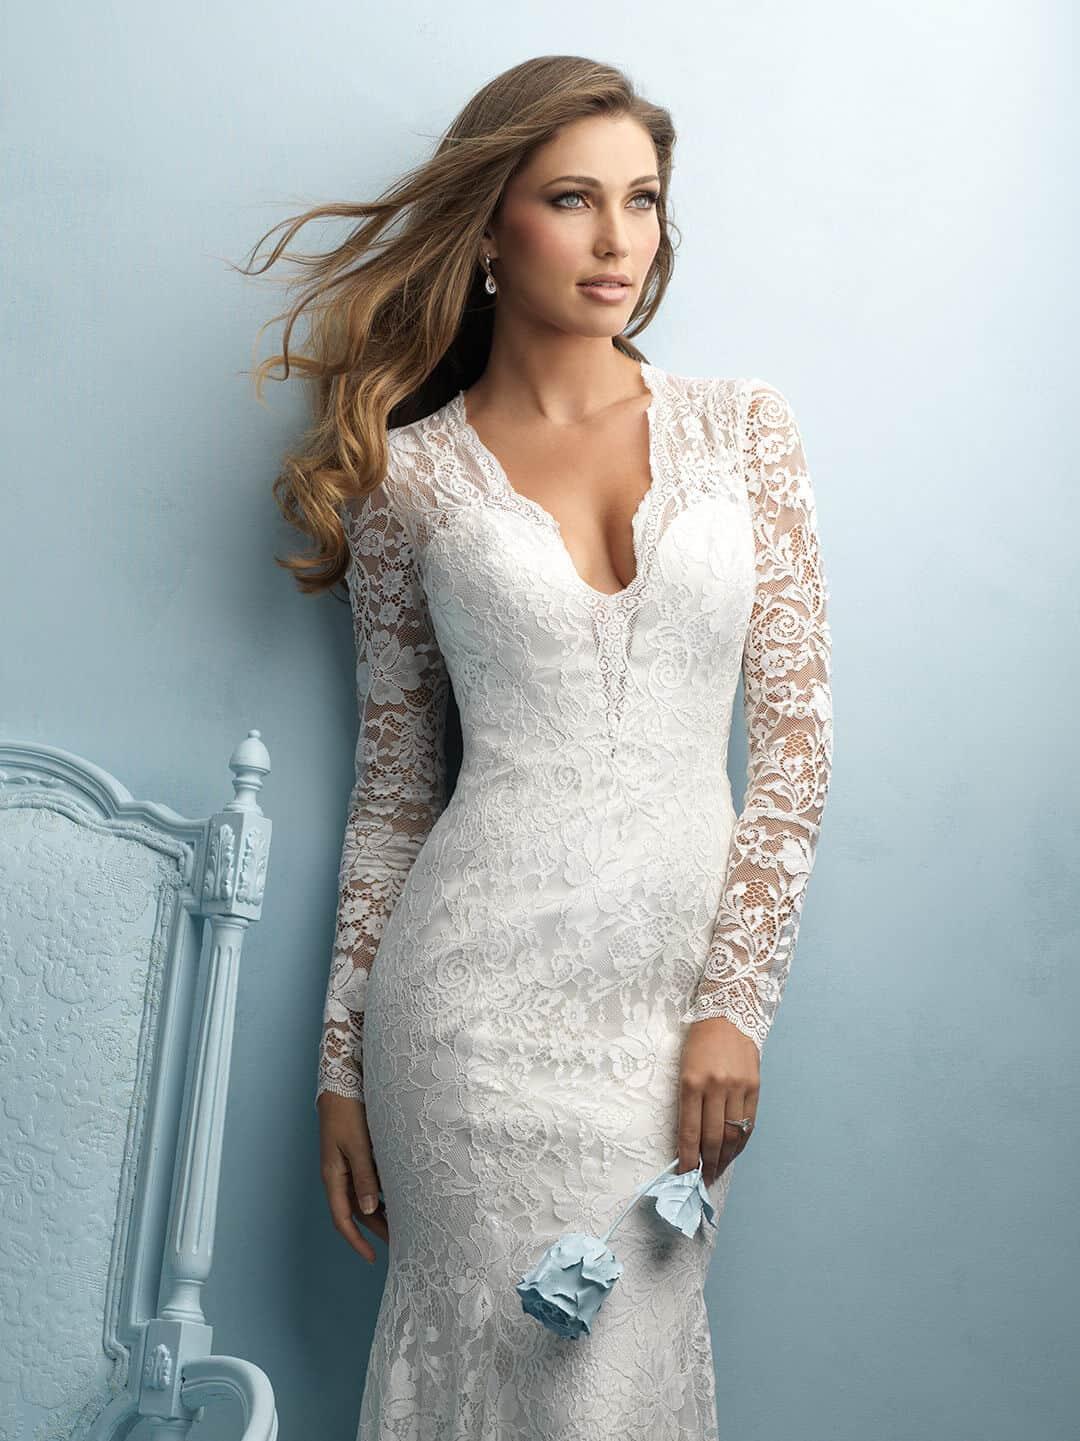 שמלת כלה קלאסית עם שרוול ארוך